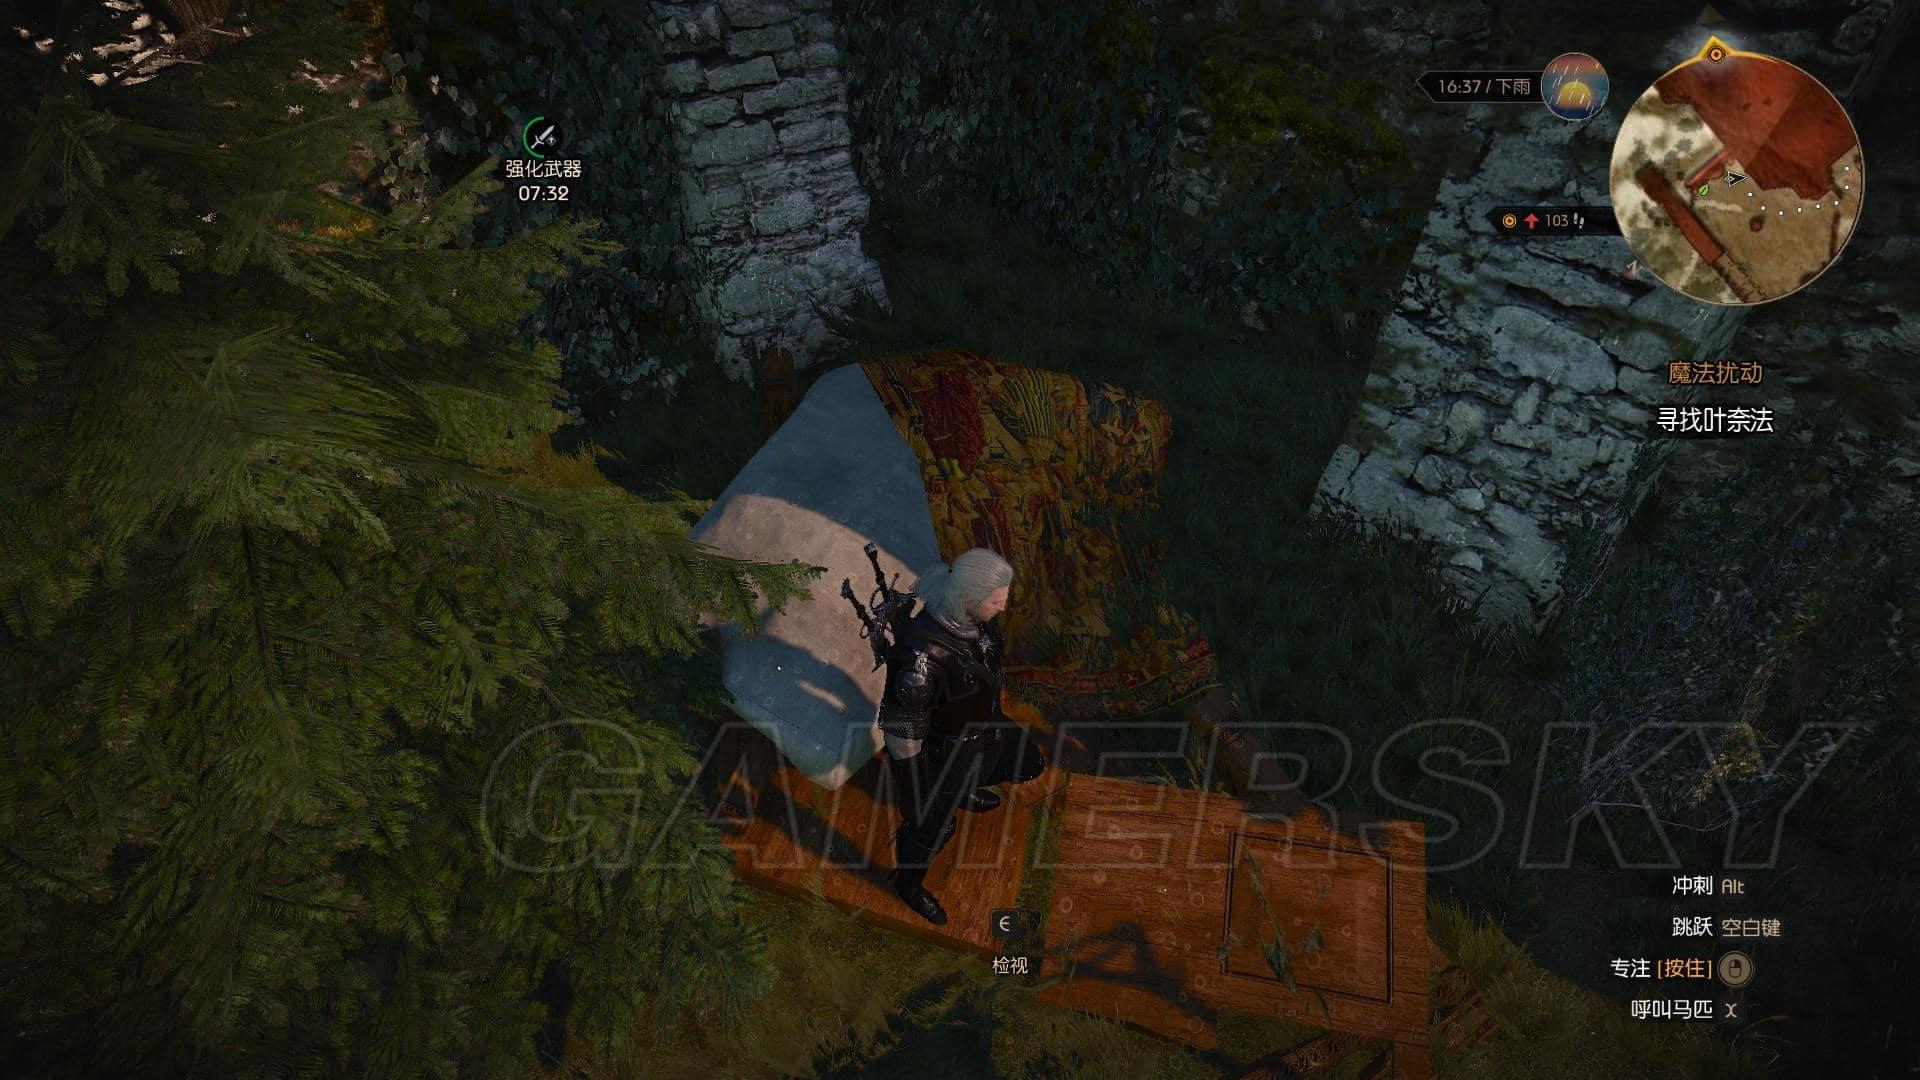 巫師3 貝連迦爾的劍任務觸發地點 貝連迦爾的劍任務在哪觸發